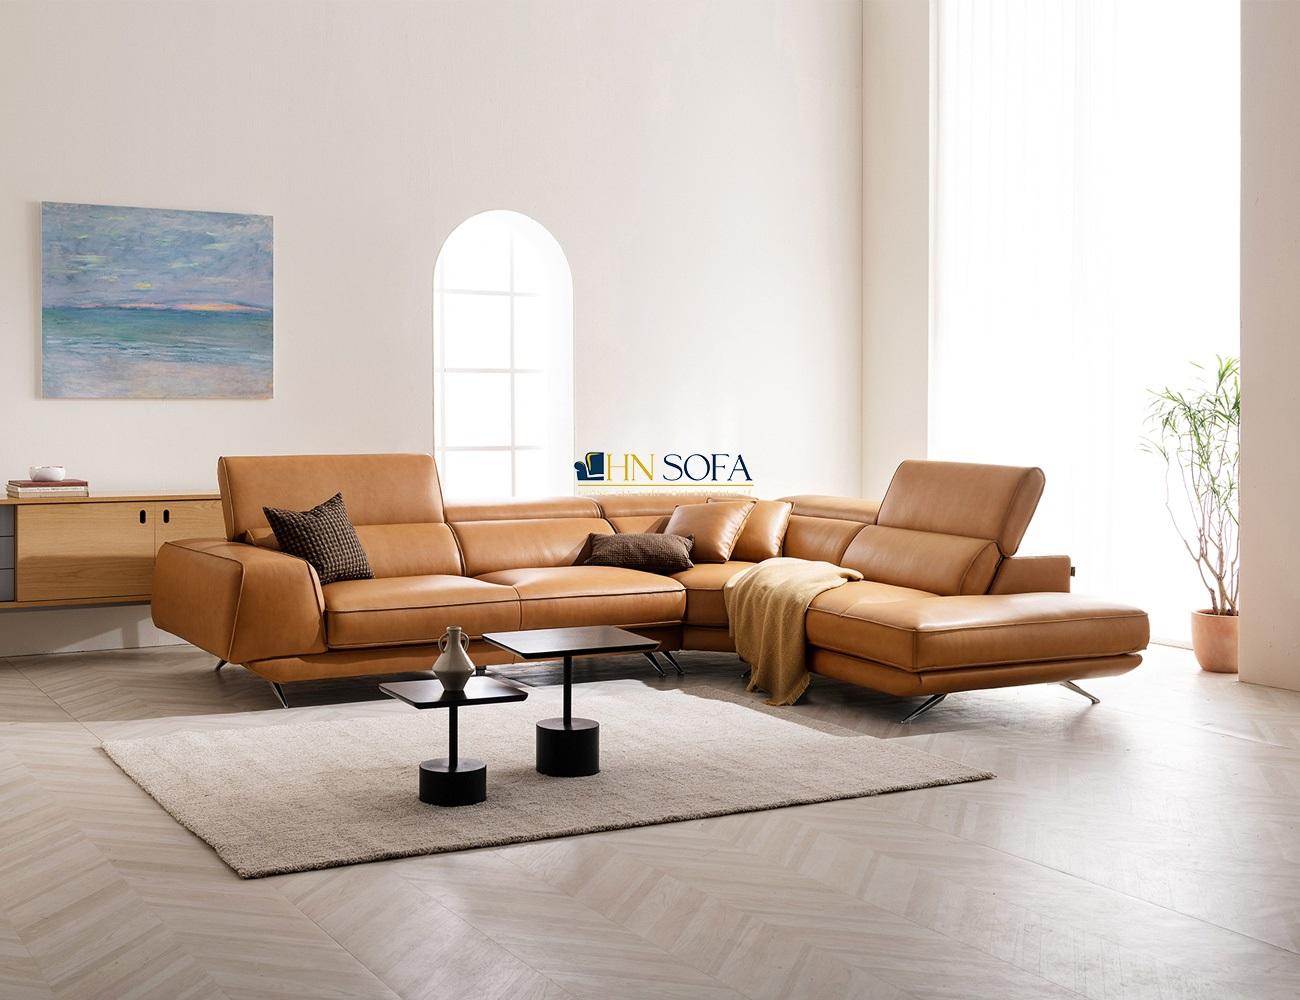 Ghế sofa phòng khách mang lại sự sang trọng cho toàn bộ không gian